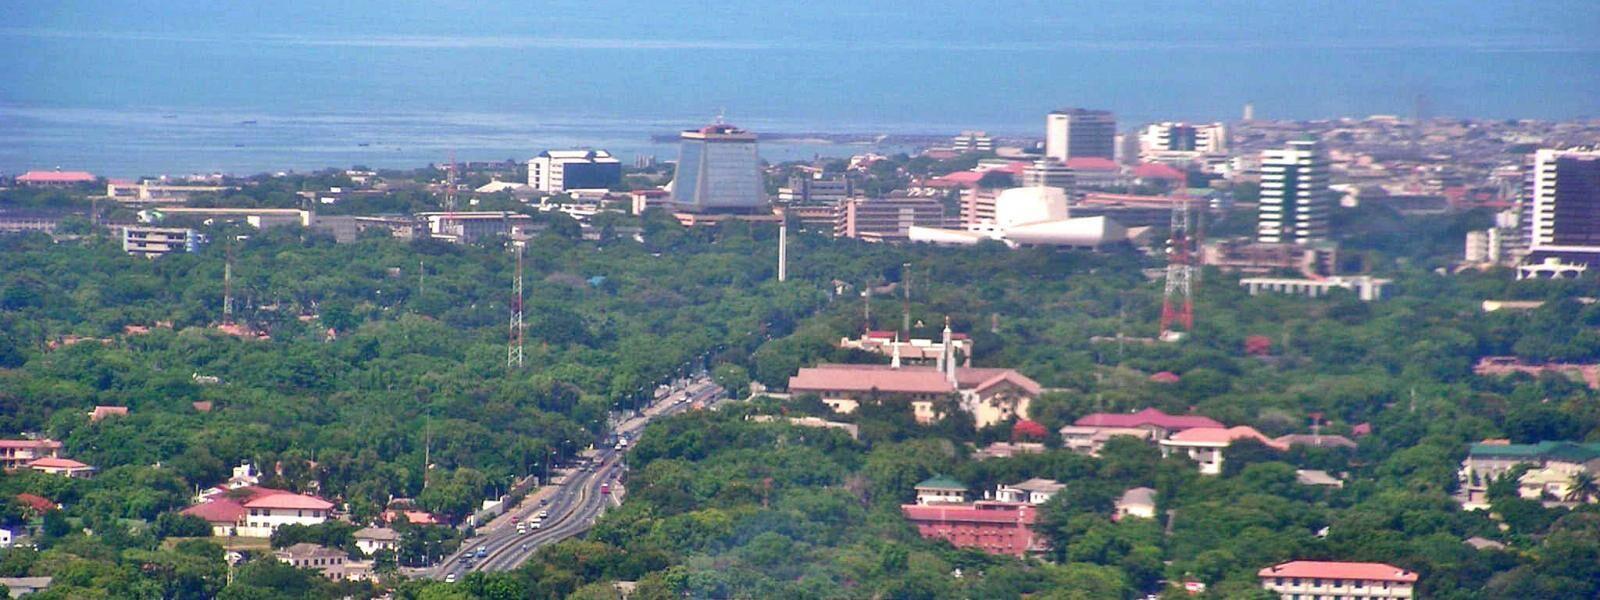 A poldermodel for Ghana